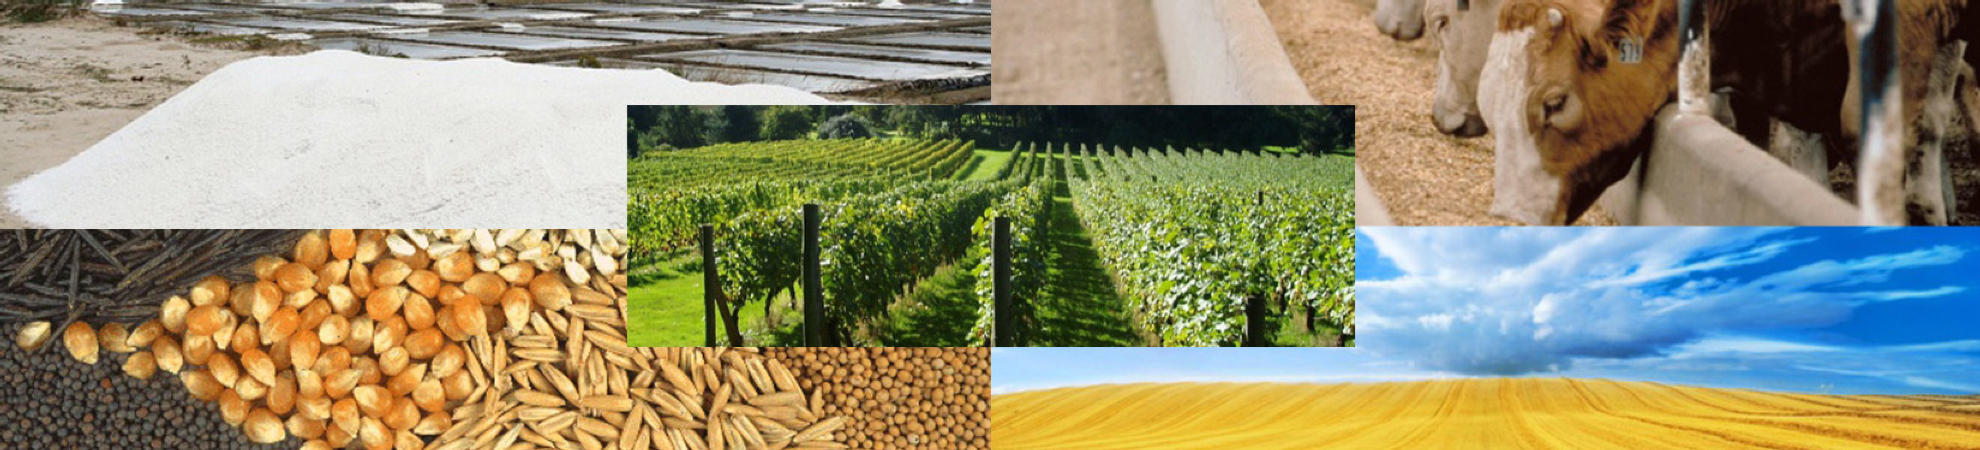 Vse za kmetijstvo na enem mestu  PREBERI VE�